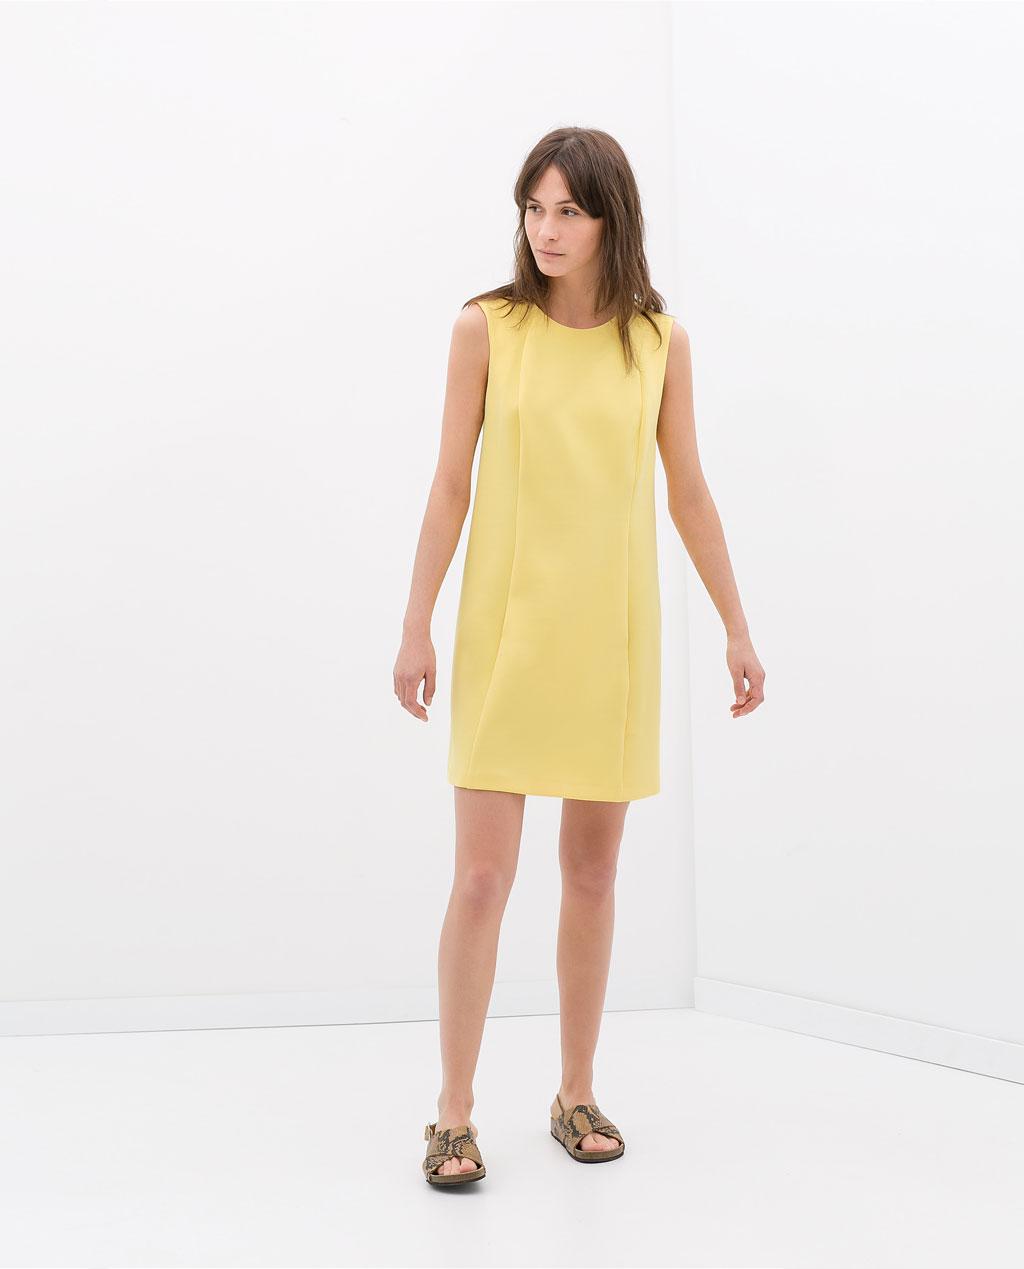 Dress with pockets, £45.99, Zara